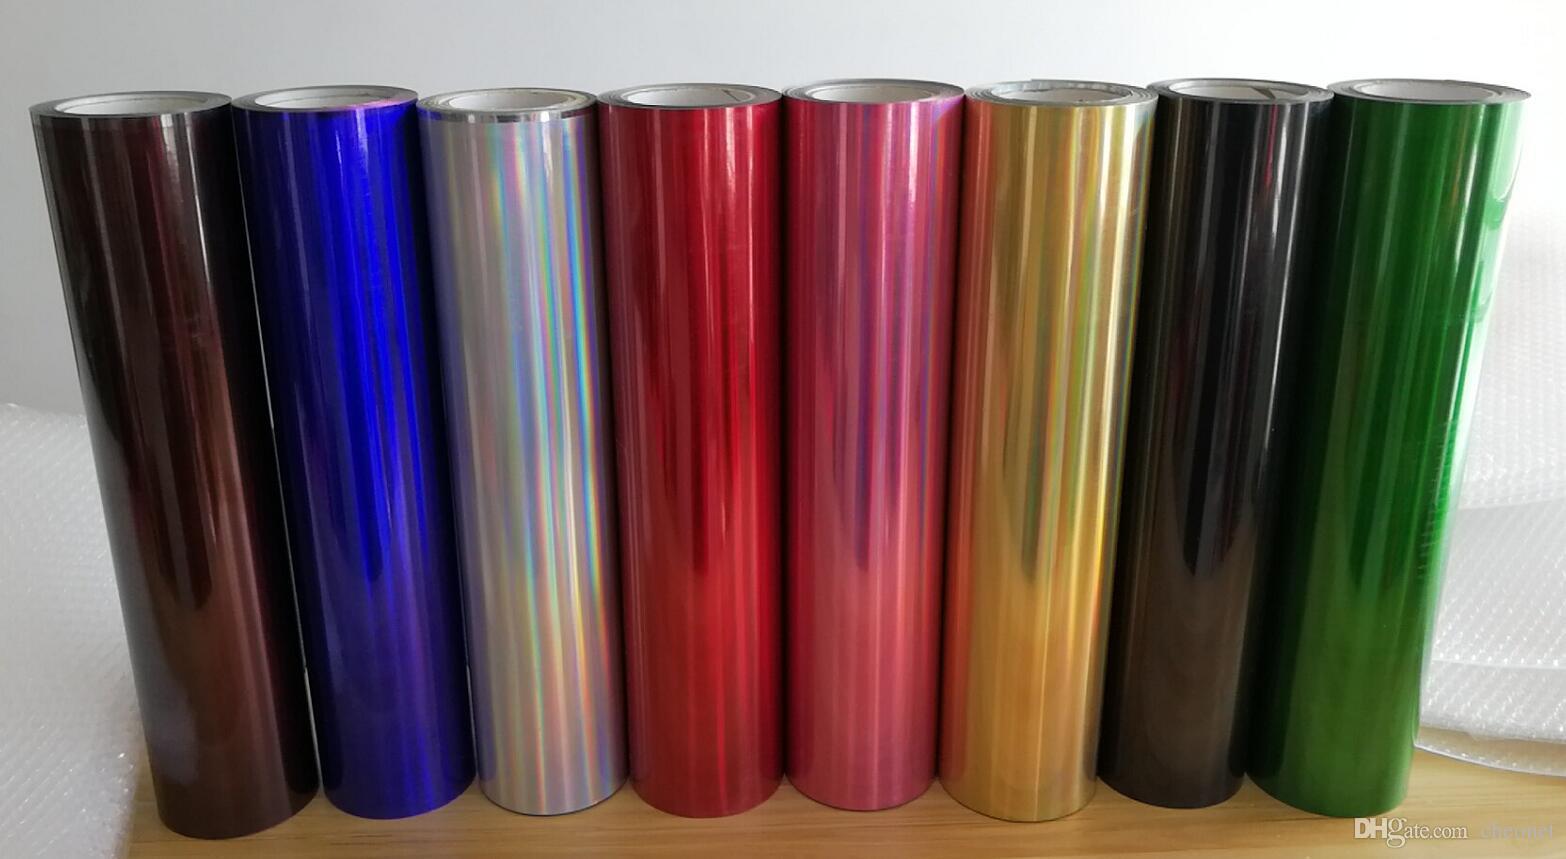 1 Sayfalık 25 cm x 50 cm Lazer Renkli Hologram Isı Transferi Isı Basın Makinesi Için Vinil HTV Baskı Satışta Tişört Demir!